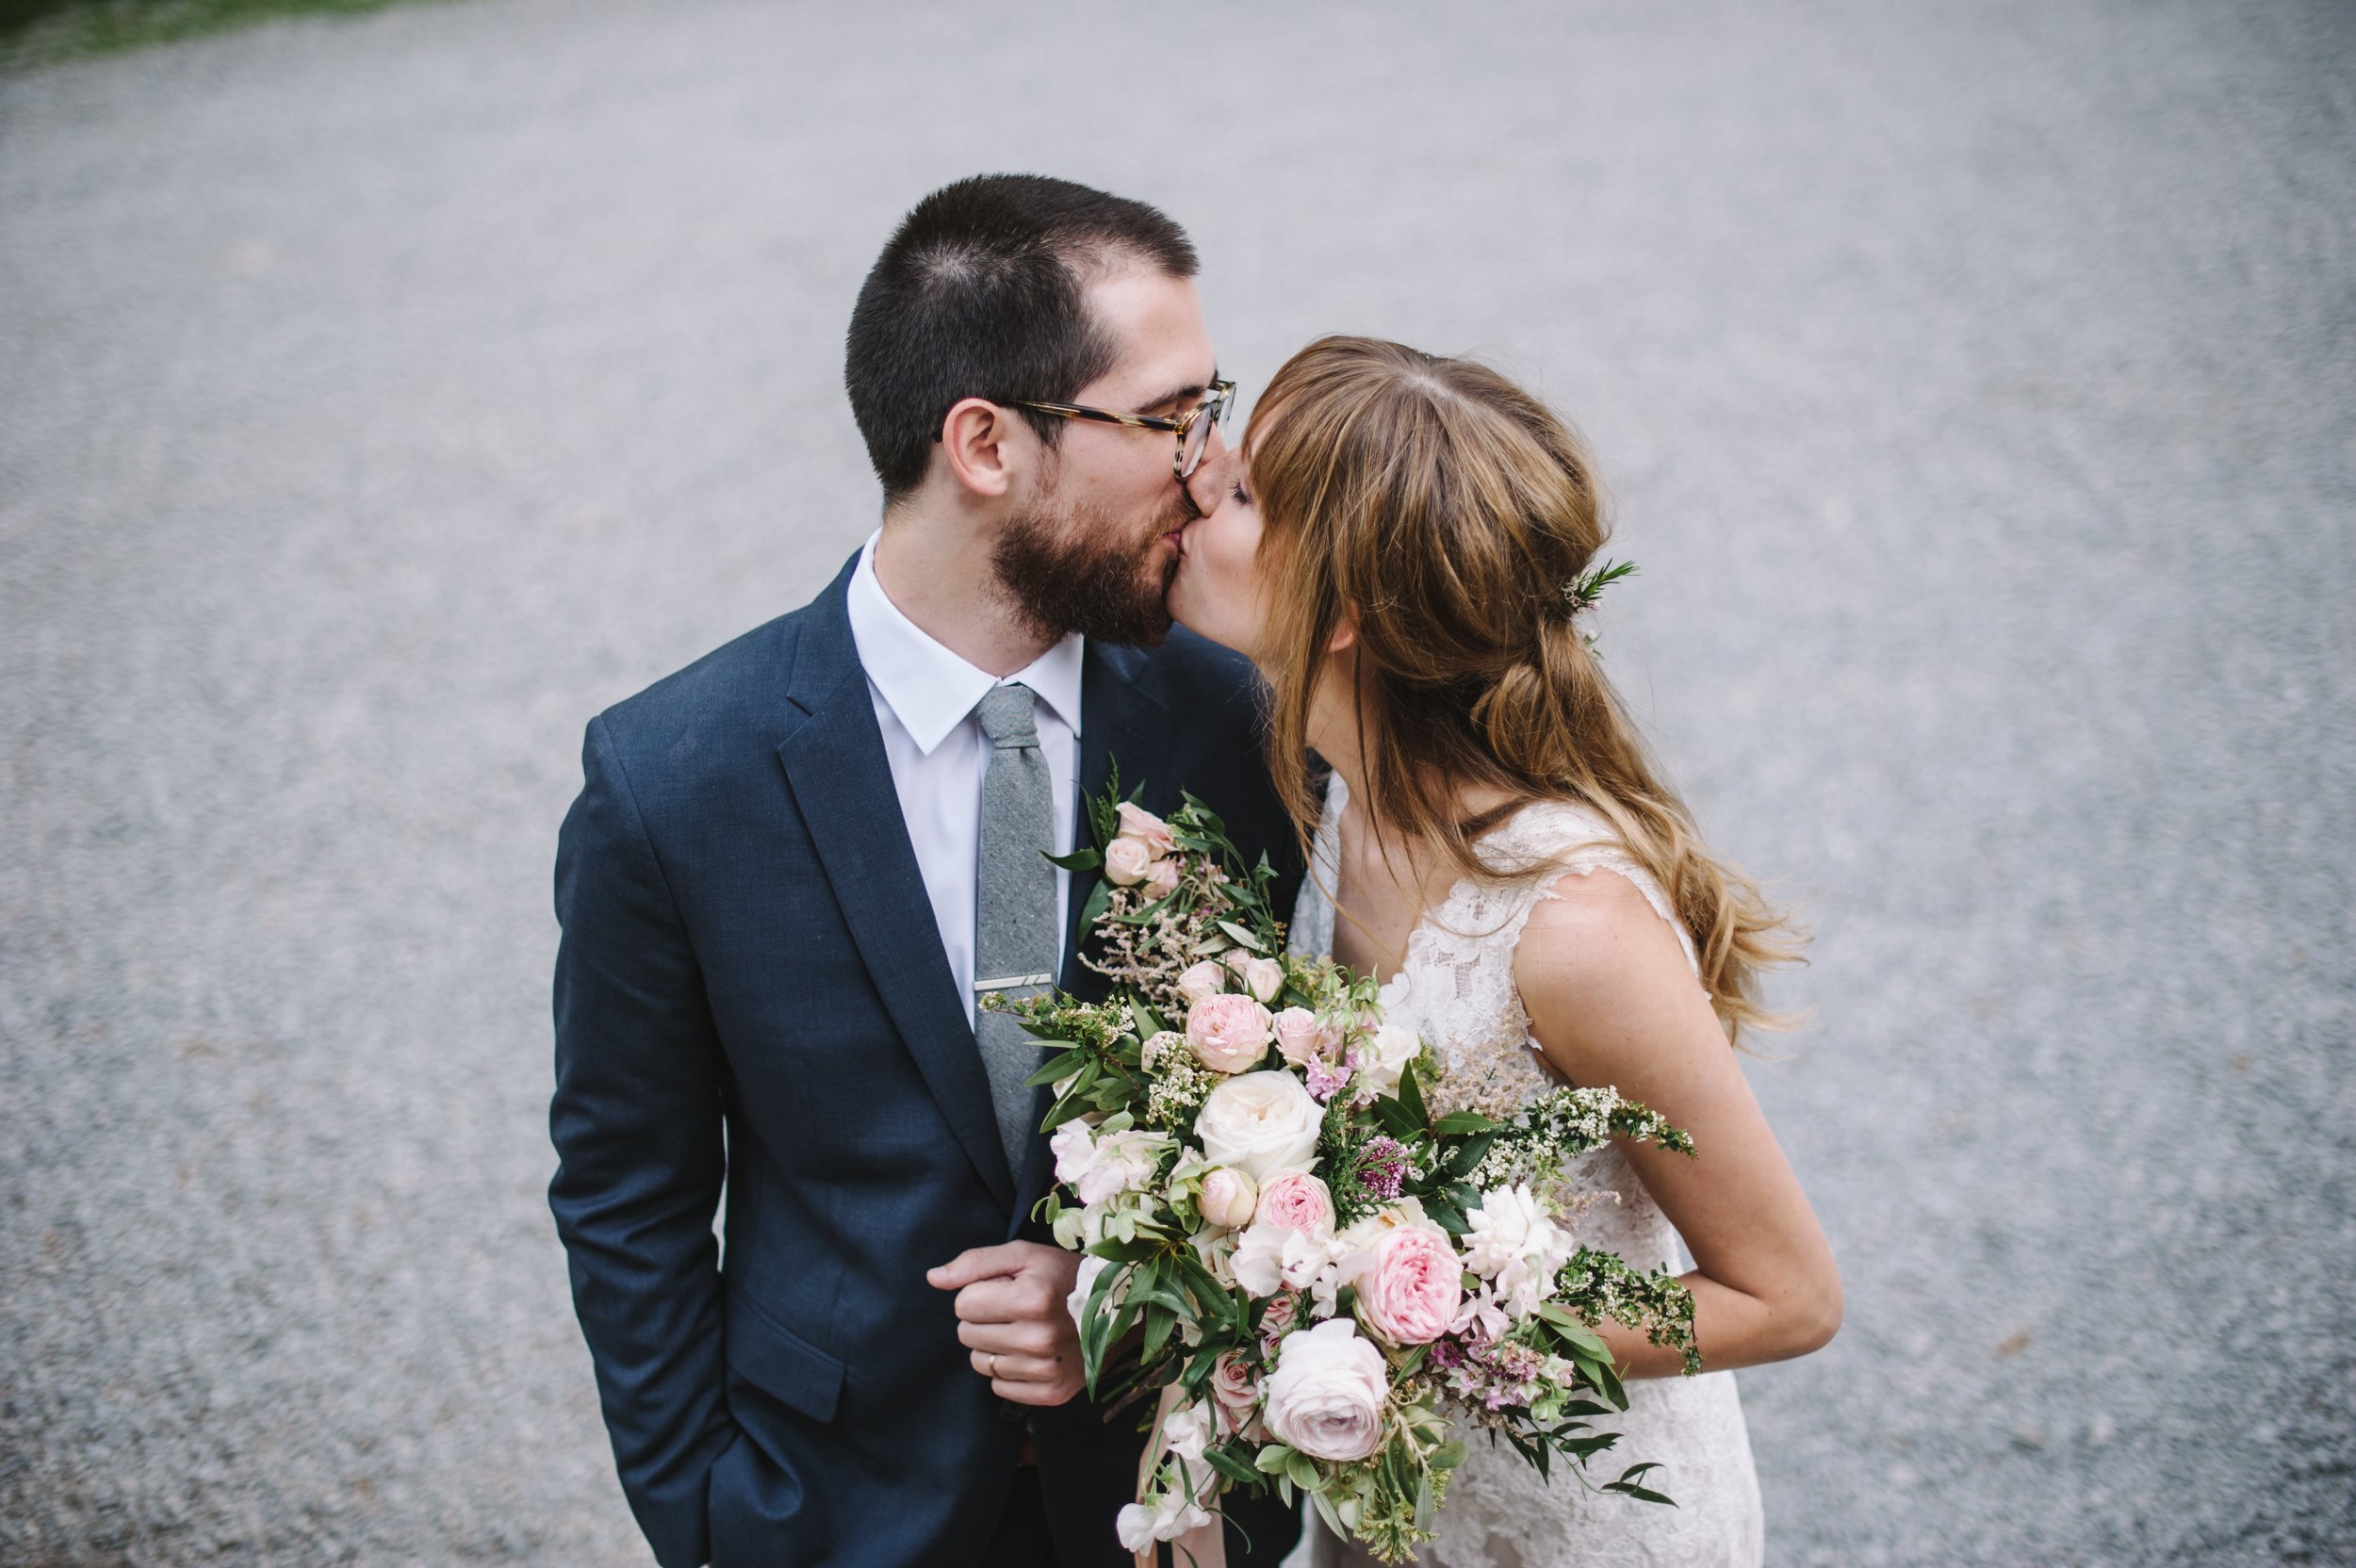 Tennesse Countryside Wedding // Nashville Floral Designer